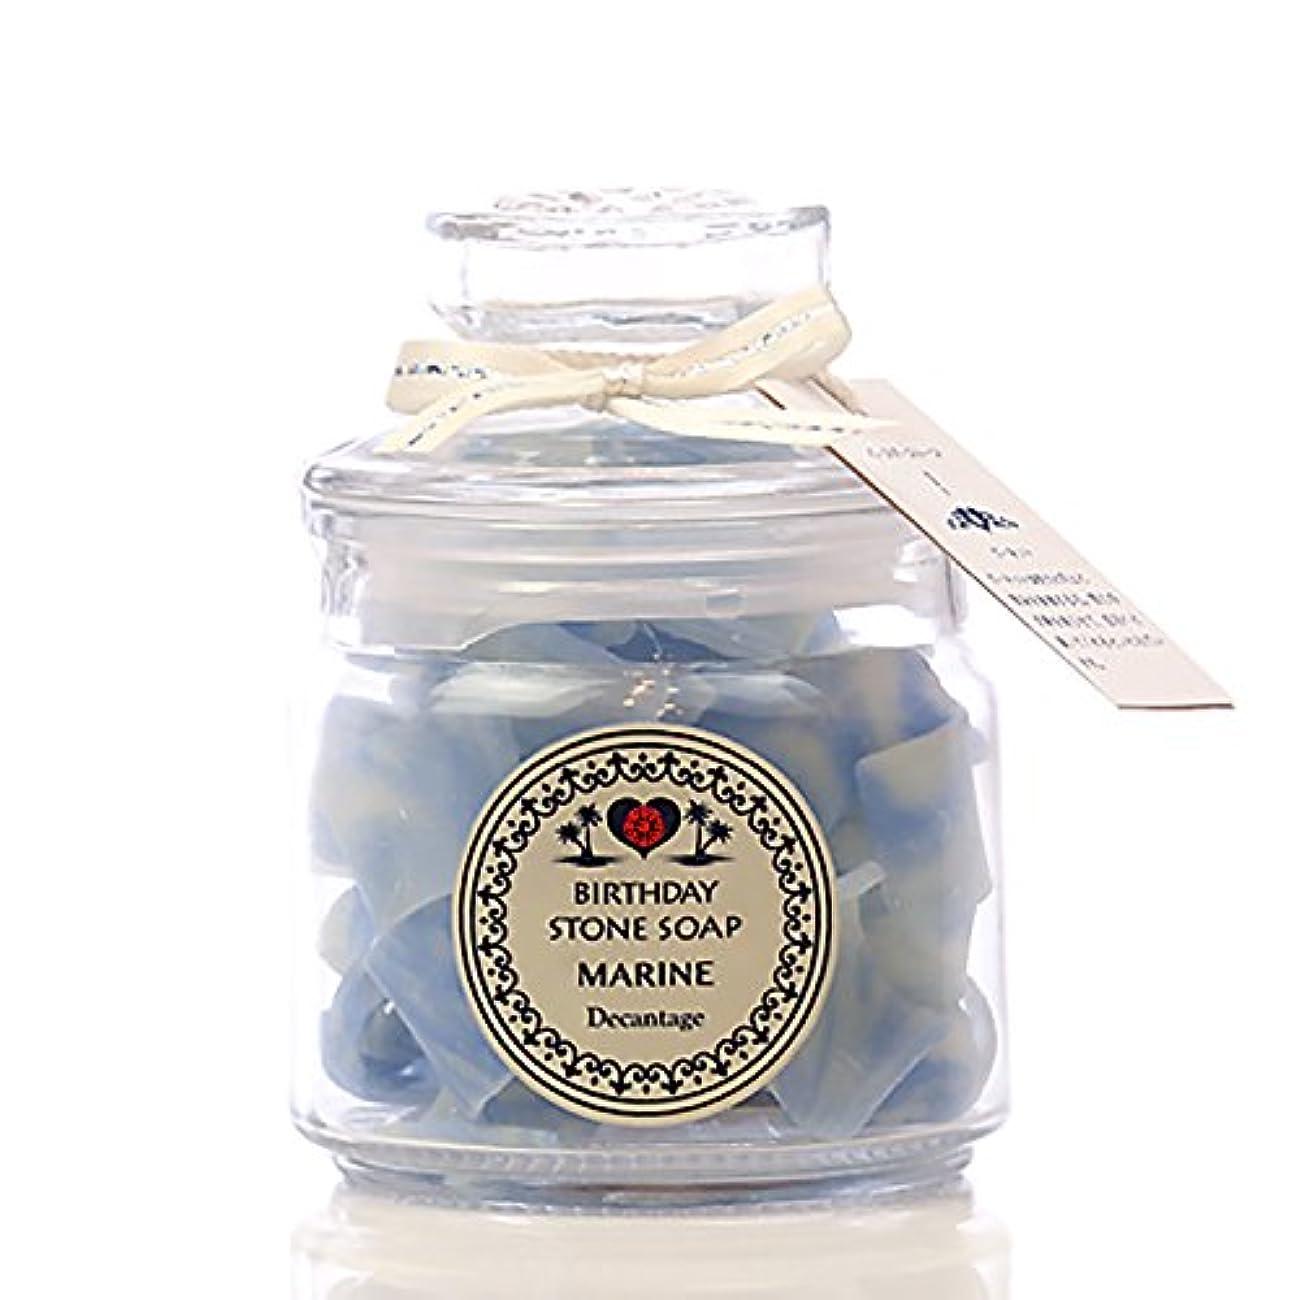 ディレイ変色するスローバースデーストーンソープ マリン(プレミアム) (1月)ガーネット(プルメリアの香り)